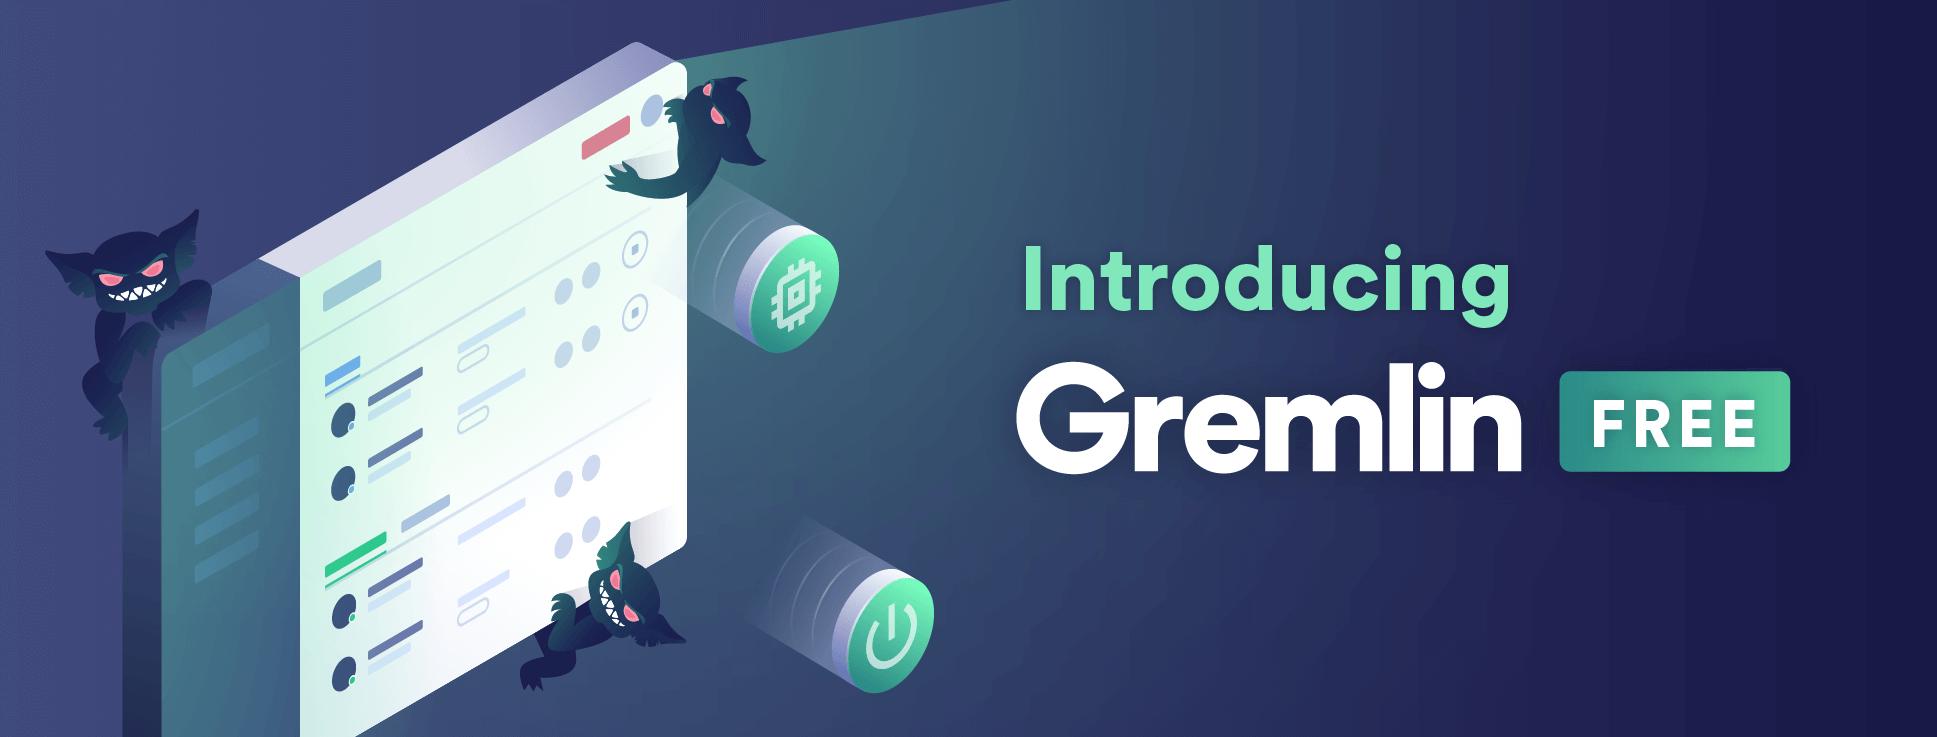 gremlinfree-blog-title-2x.png